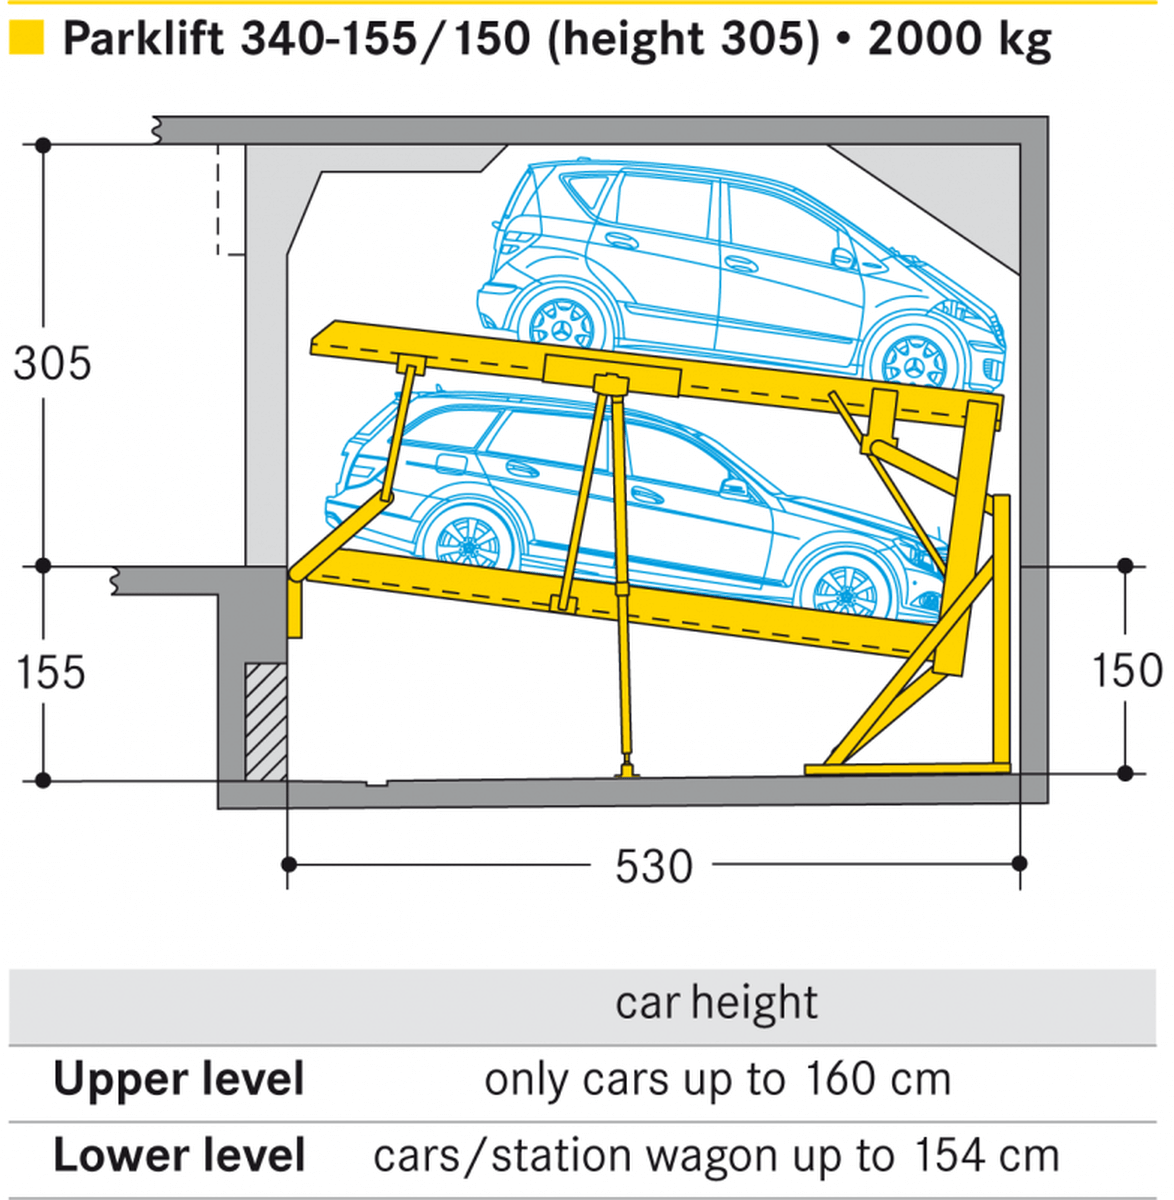 Parklift 340 - Ascensore per auto senza conducente a bordo